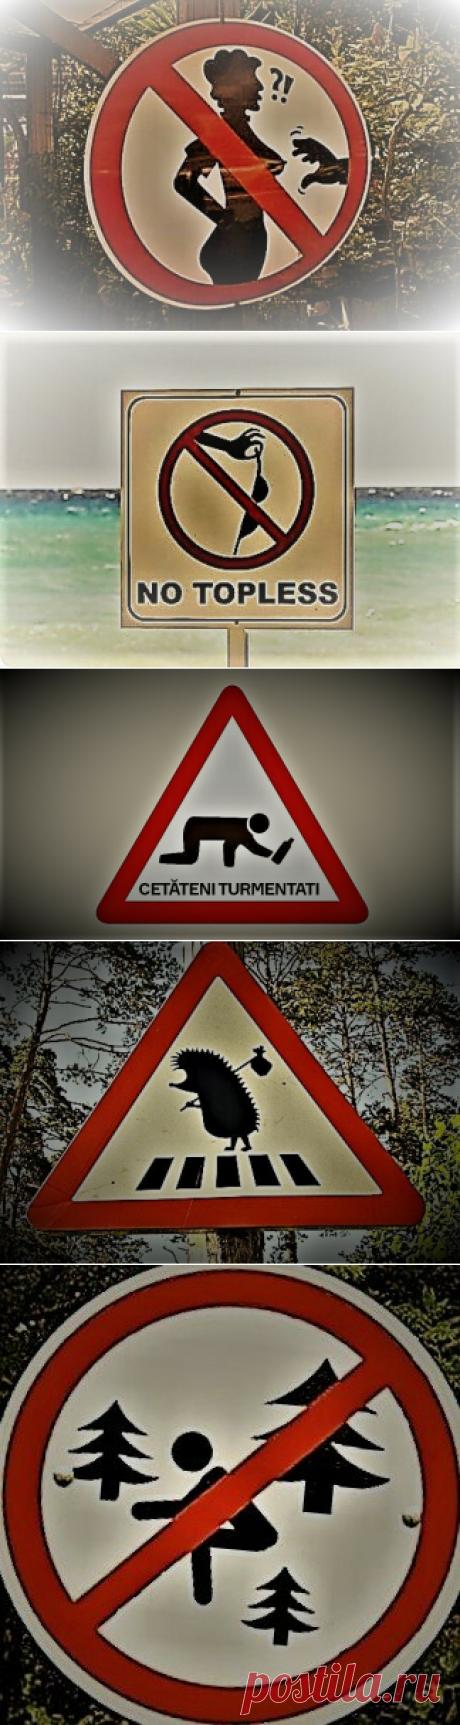 Самые необычные дорожные знаки, которые не встретишь в России | АВТОBLOG | Яндекс Дзен